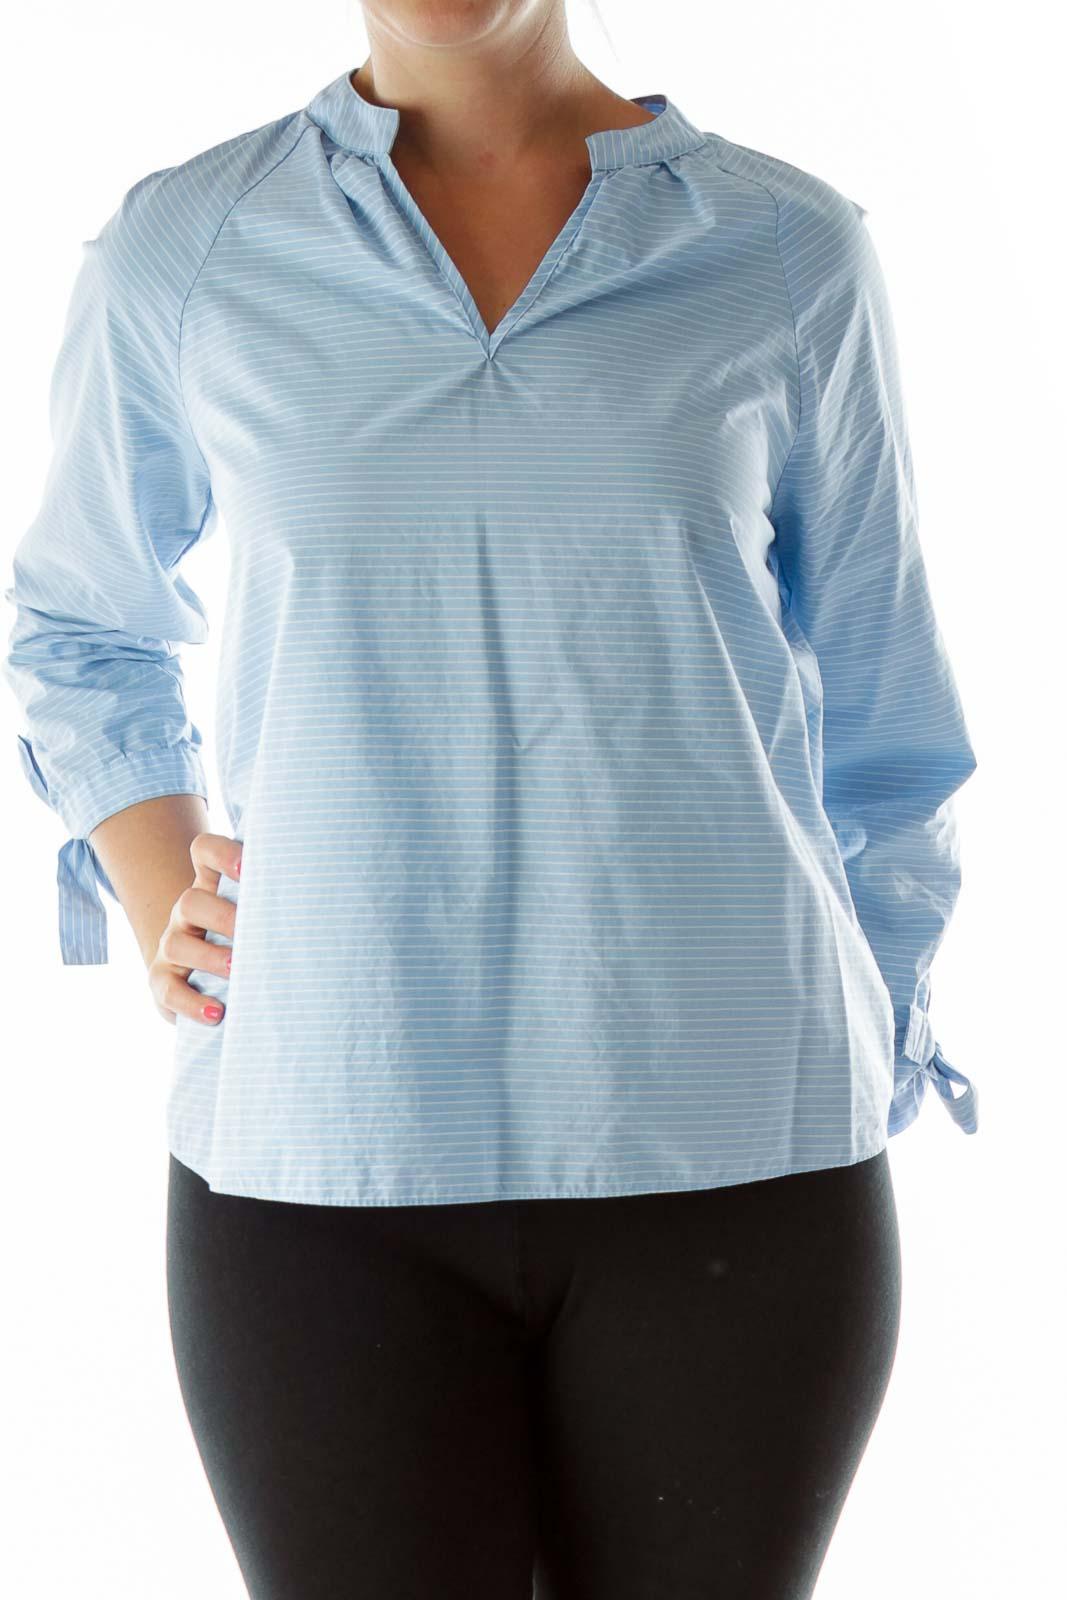 Blue White Striped V-Neck Blouse